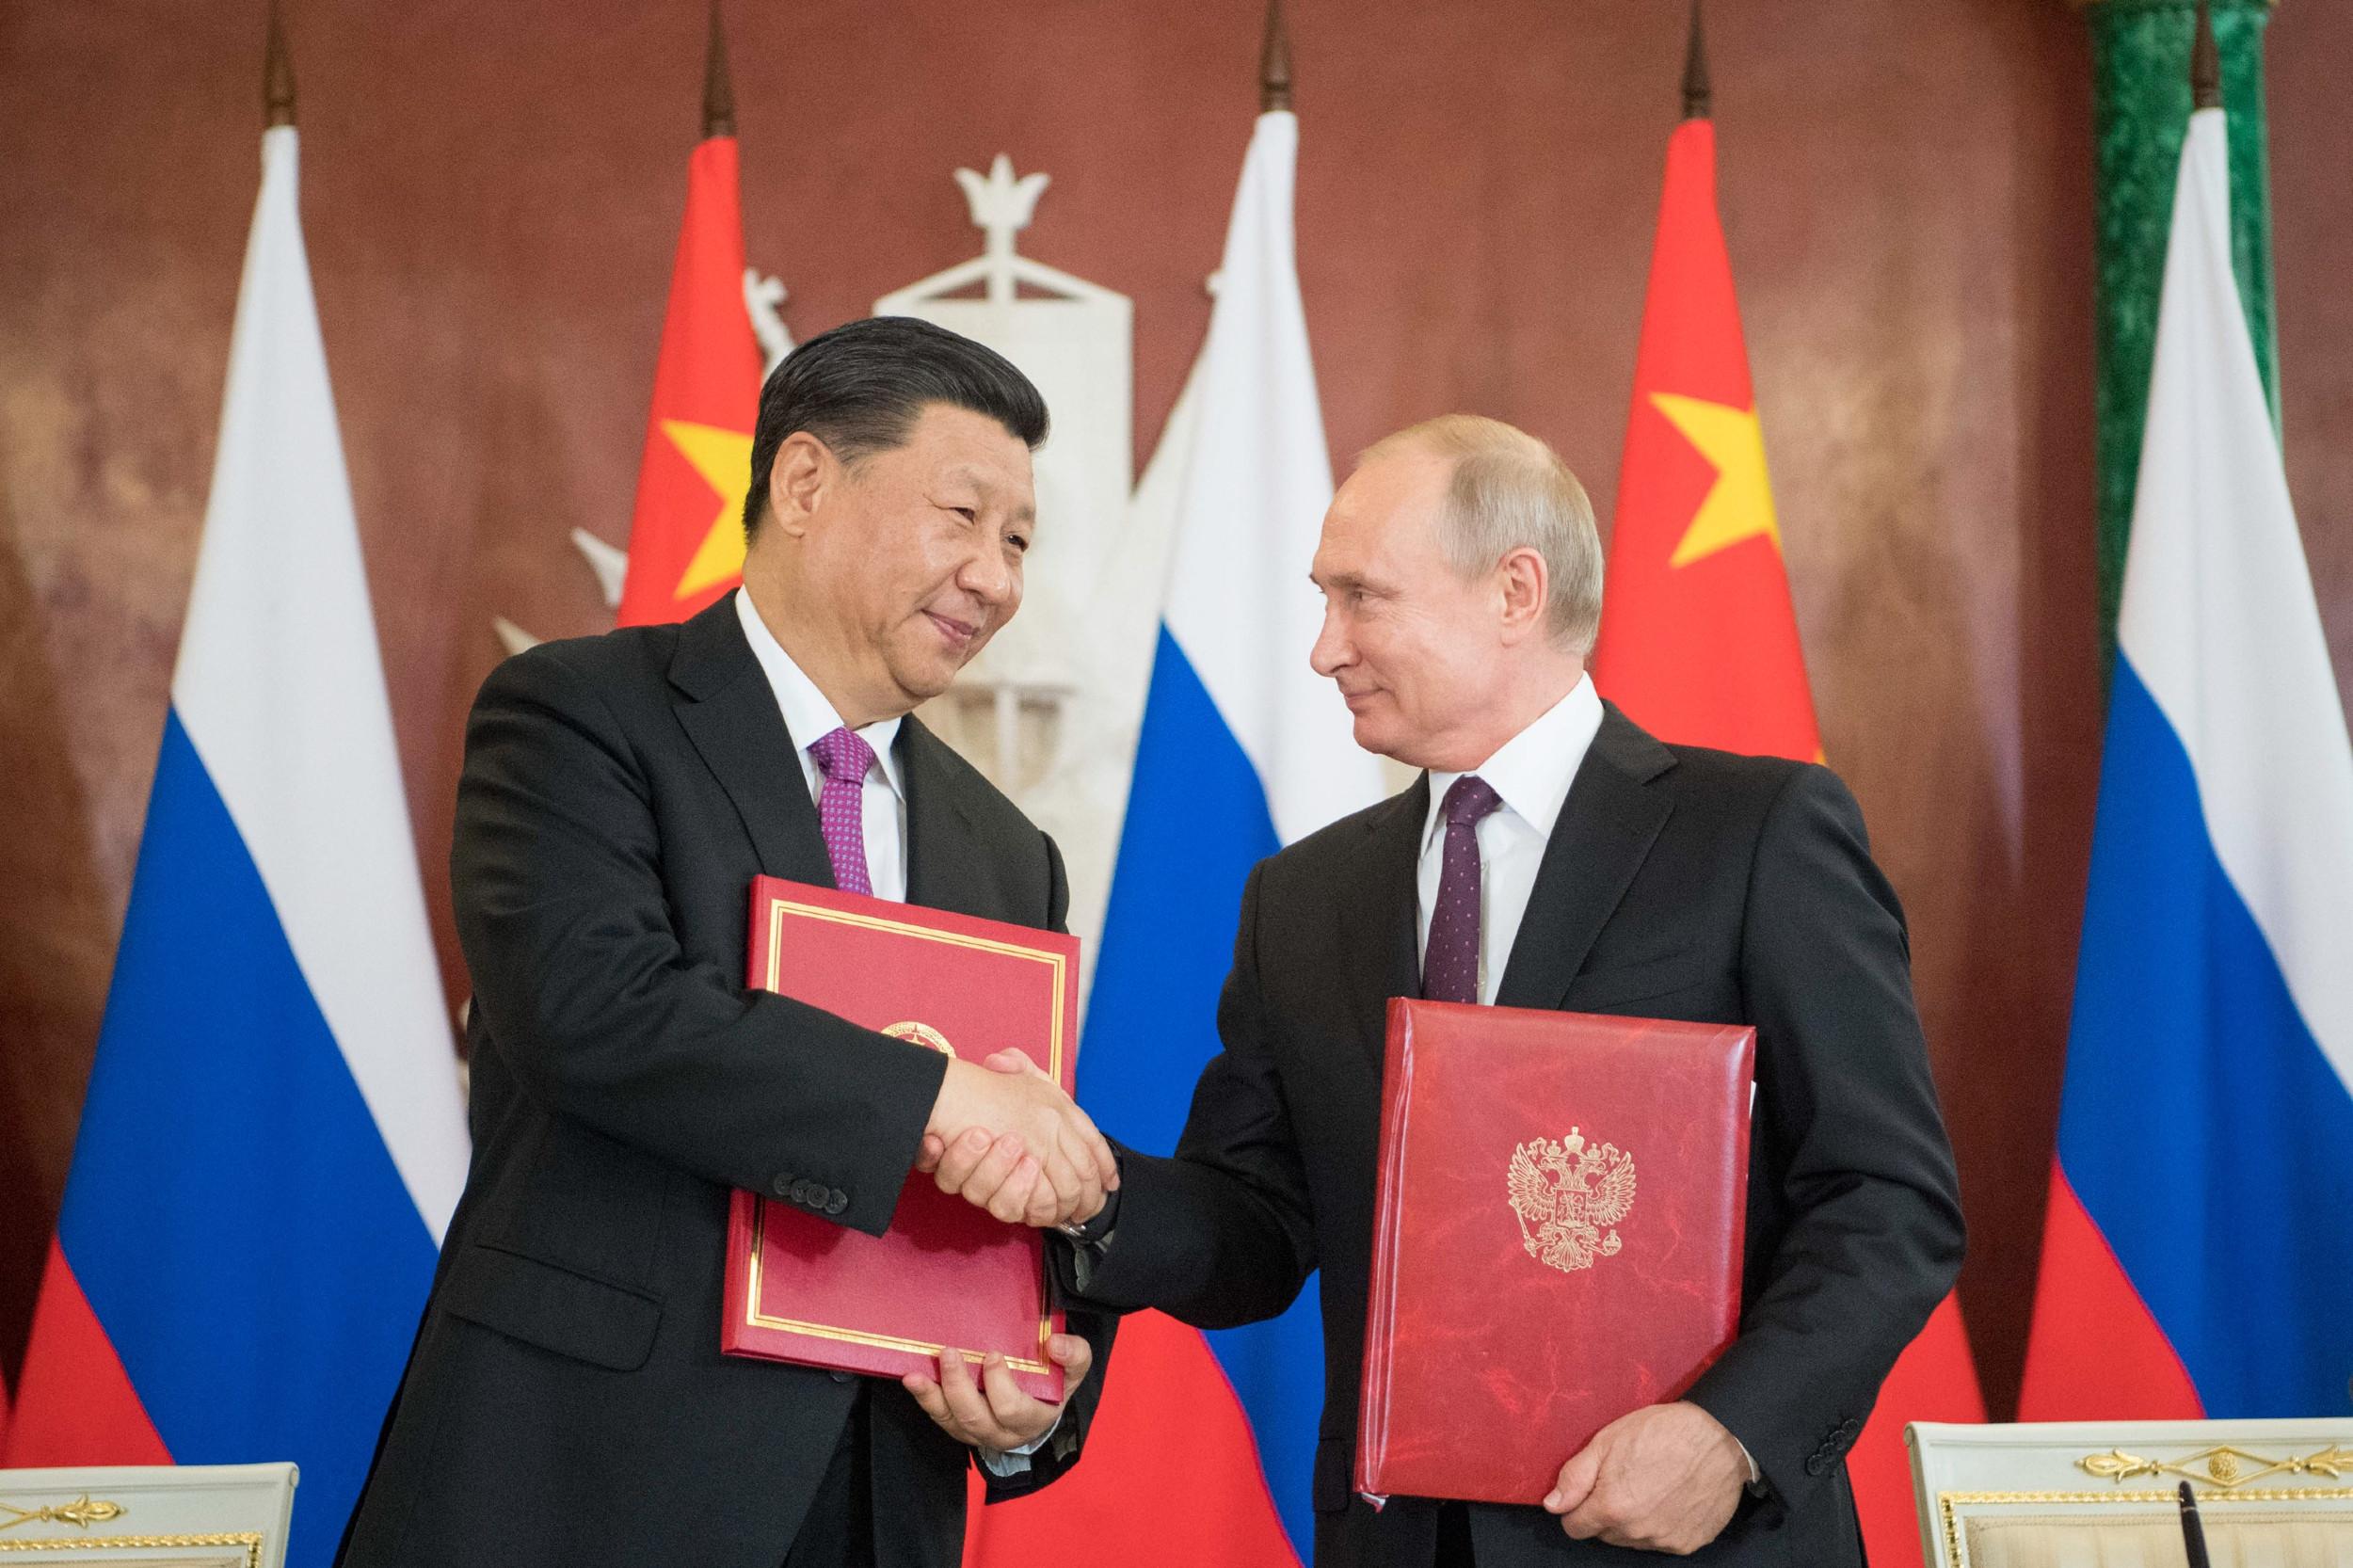 Председник Кине Си Ђинпинг и председник Русије Владимир Путин се рукују током састанка у Москви, 05. јун 2019. (Фото: Xinhua/Li Xueren)